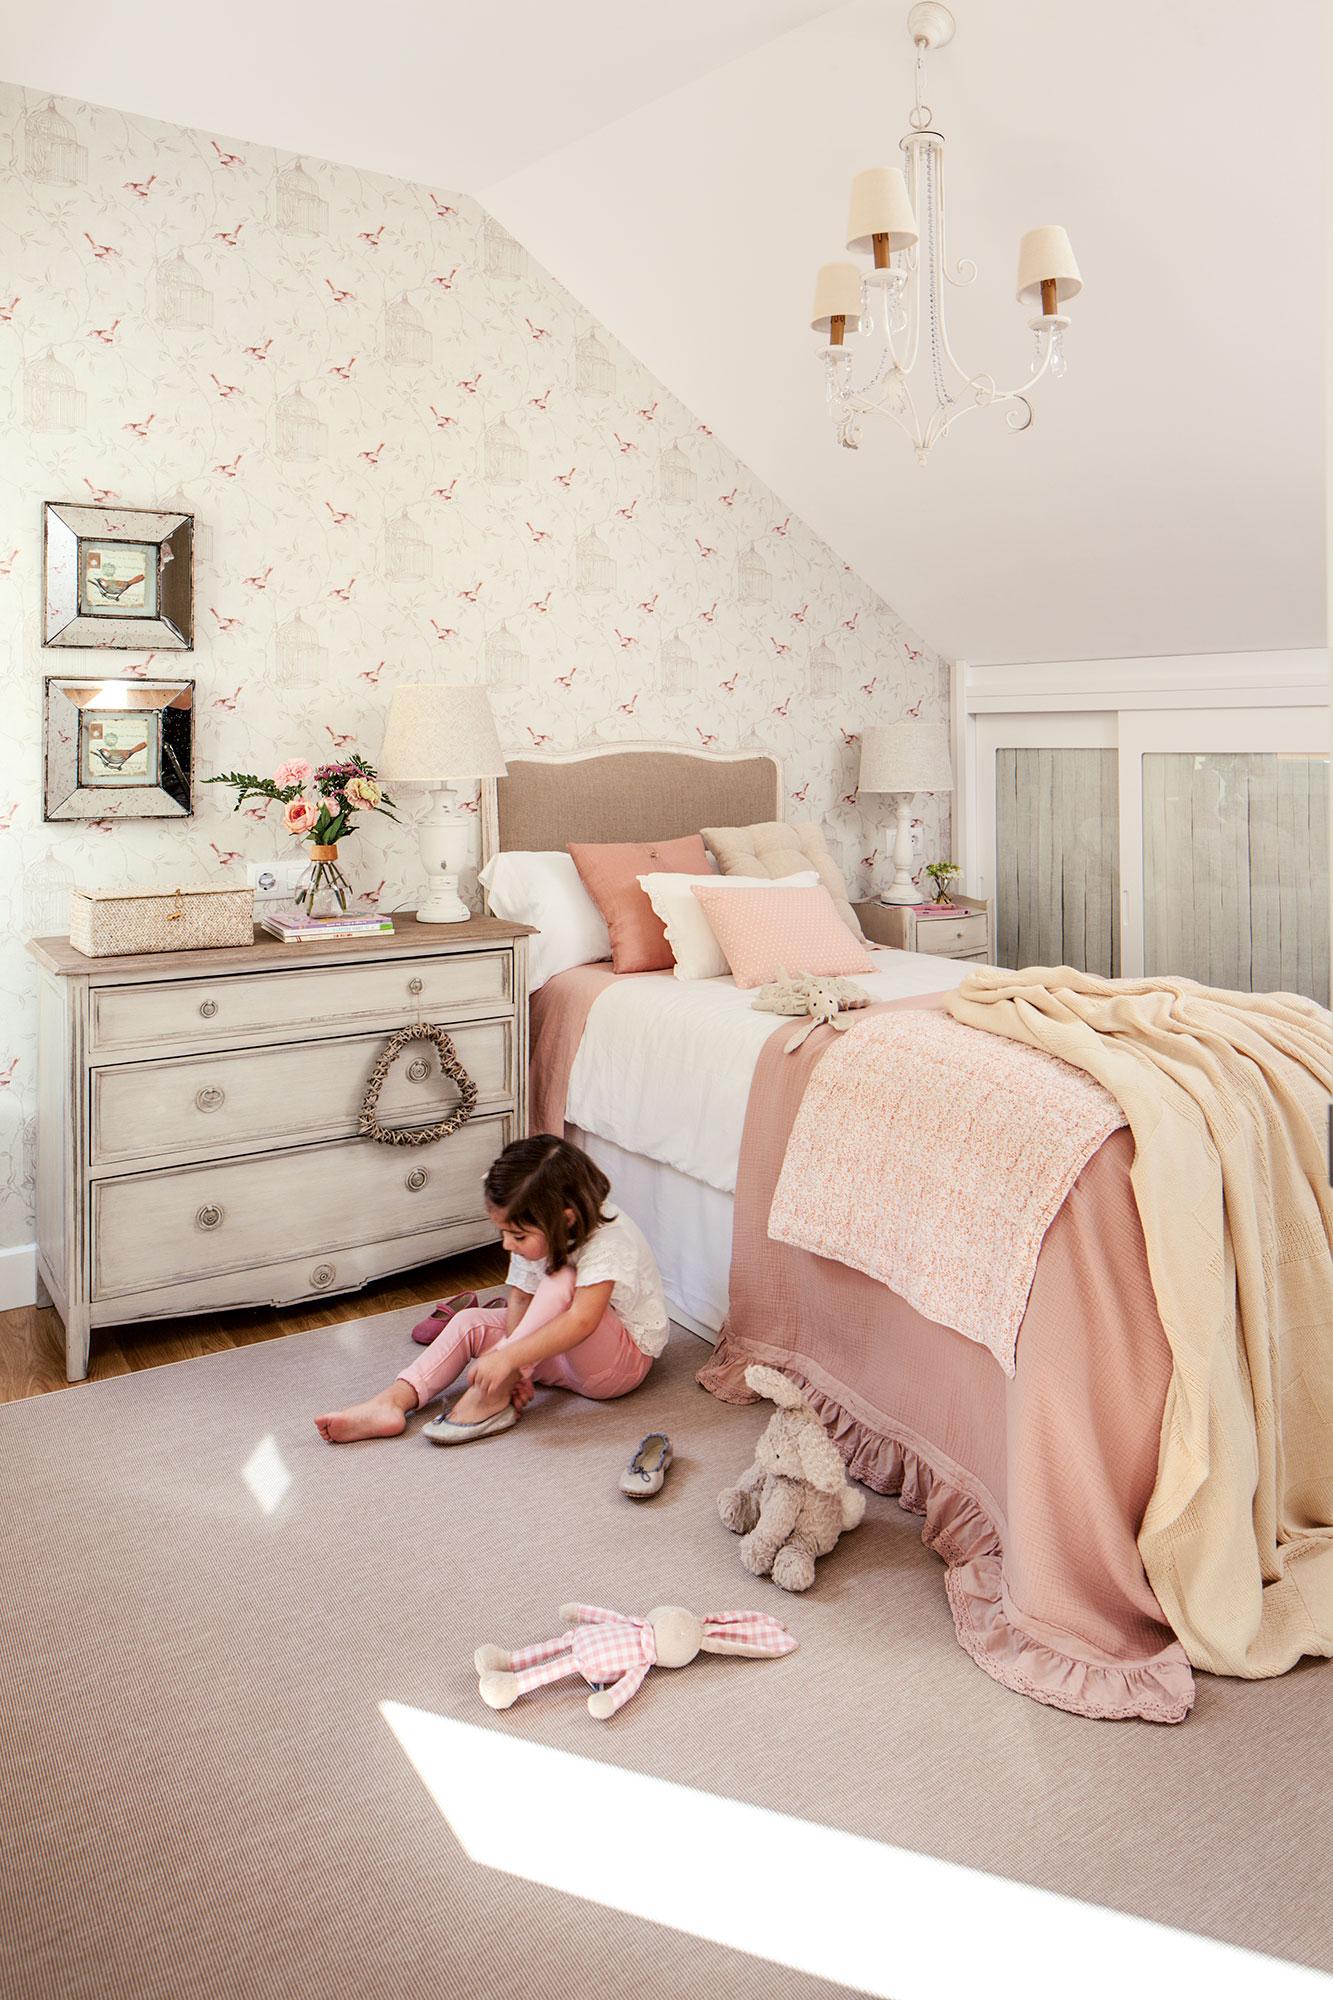 Decora la habitaci n infantil con papel pintado - Papel pintado rojo y blanco ...